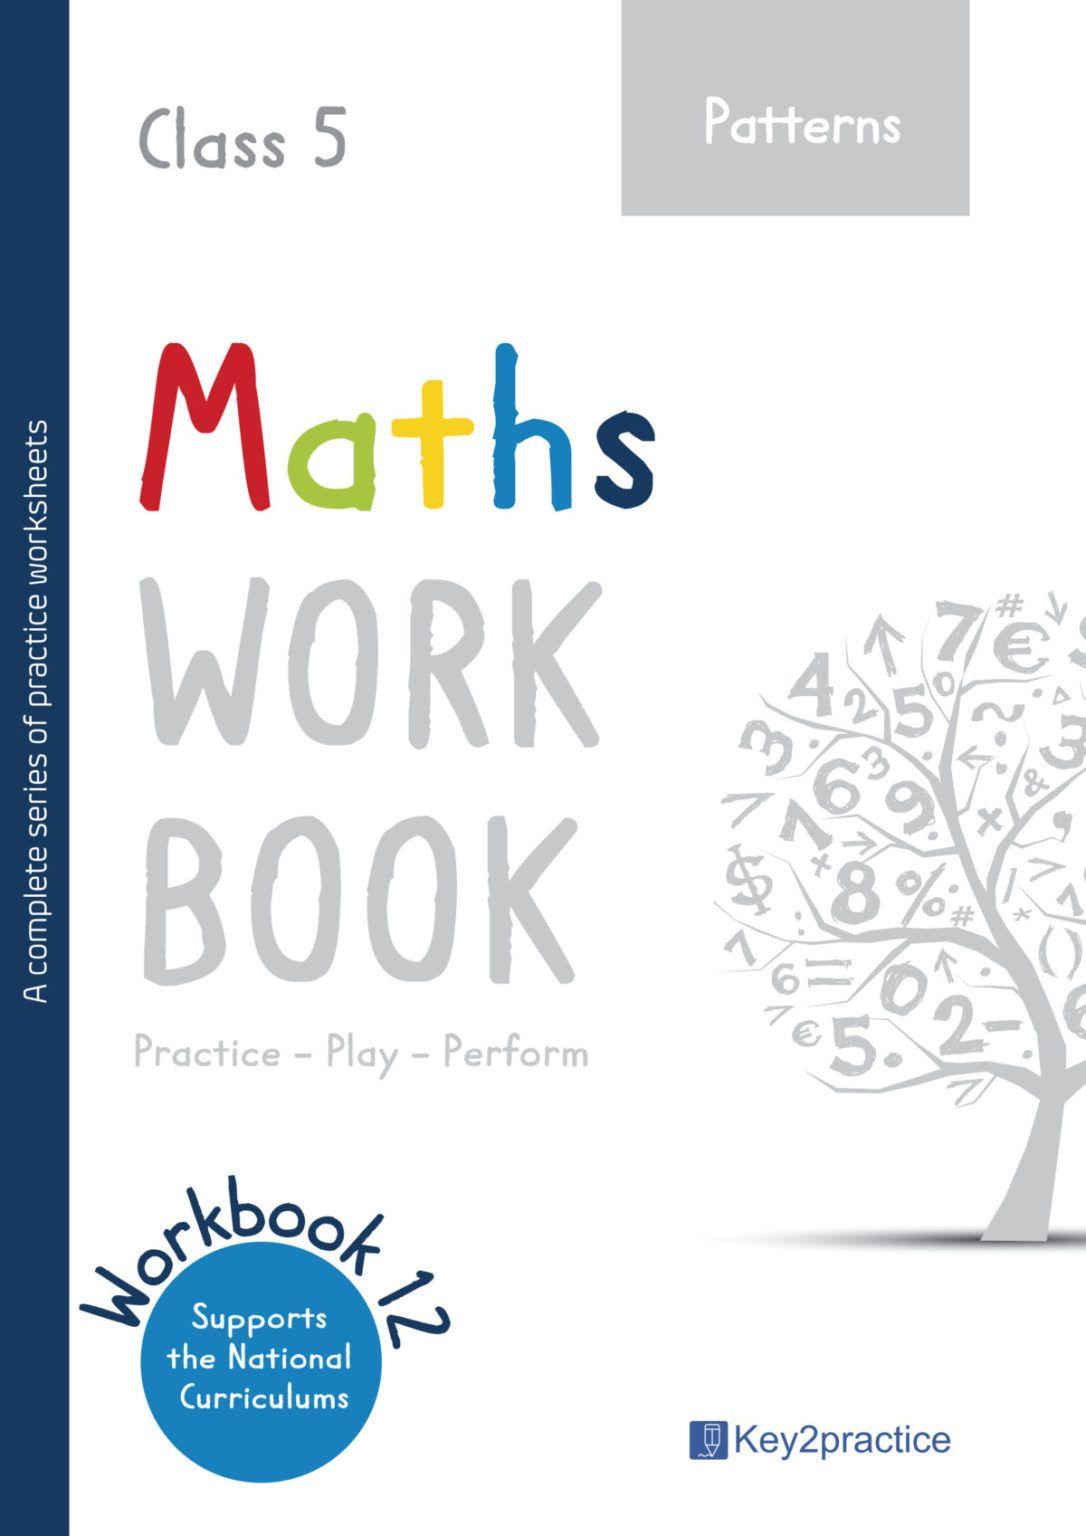 Patterns Worksheets Grade 5 I Maths